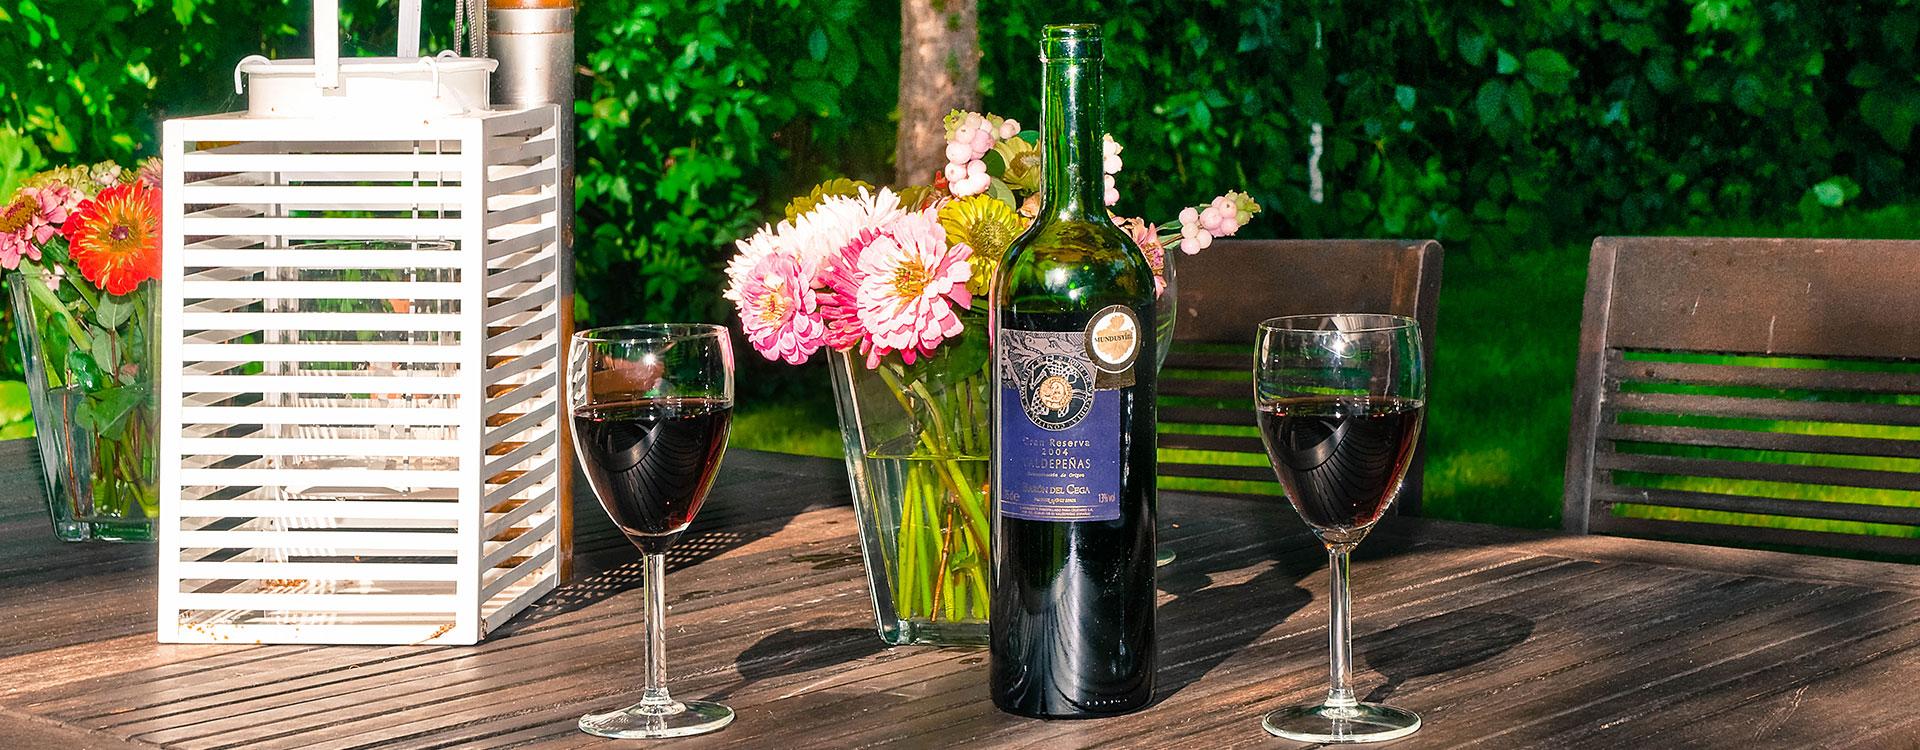 wino nastole wogrodzie